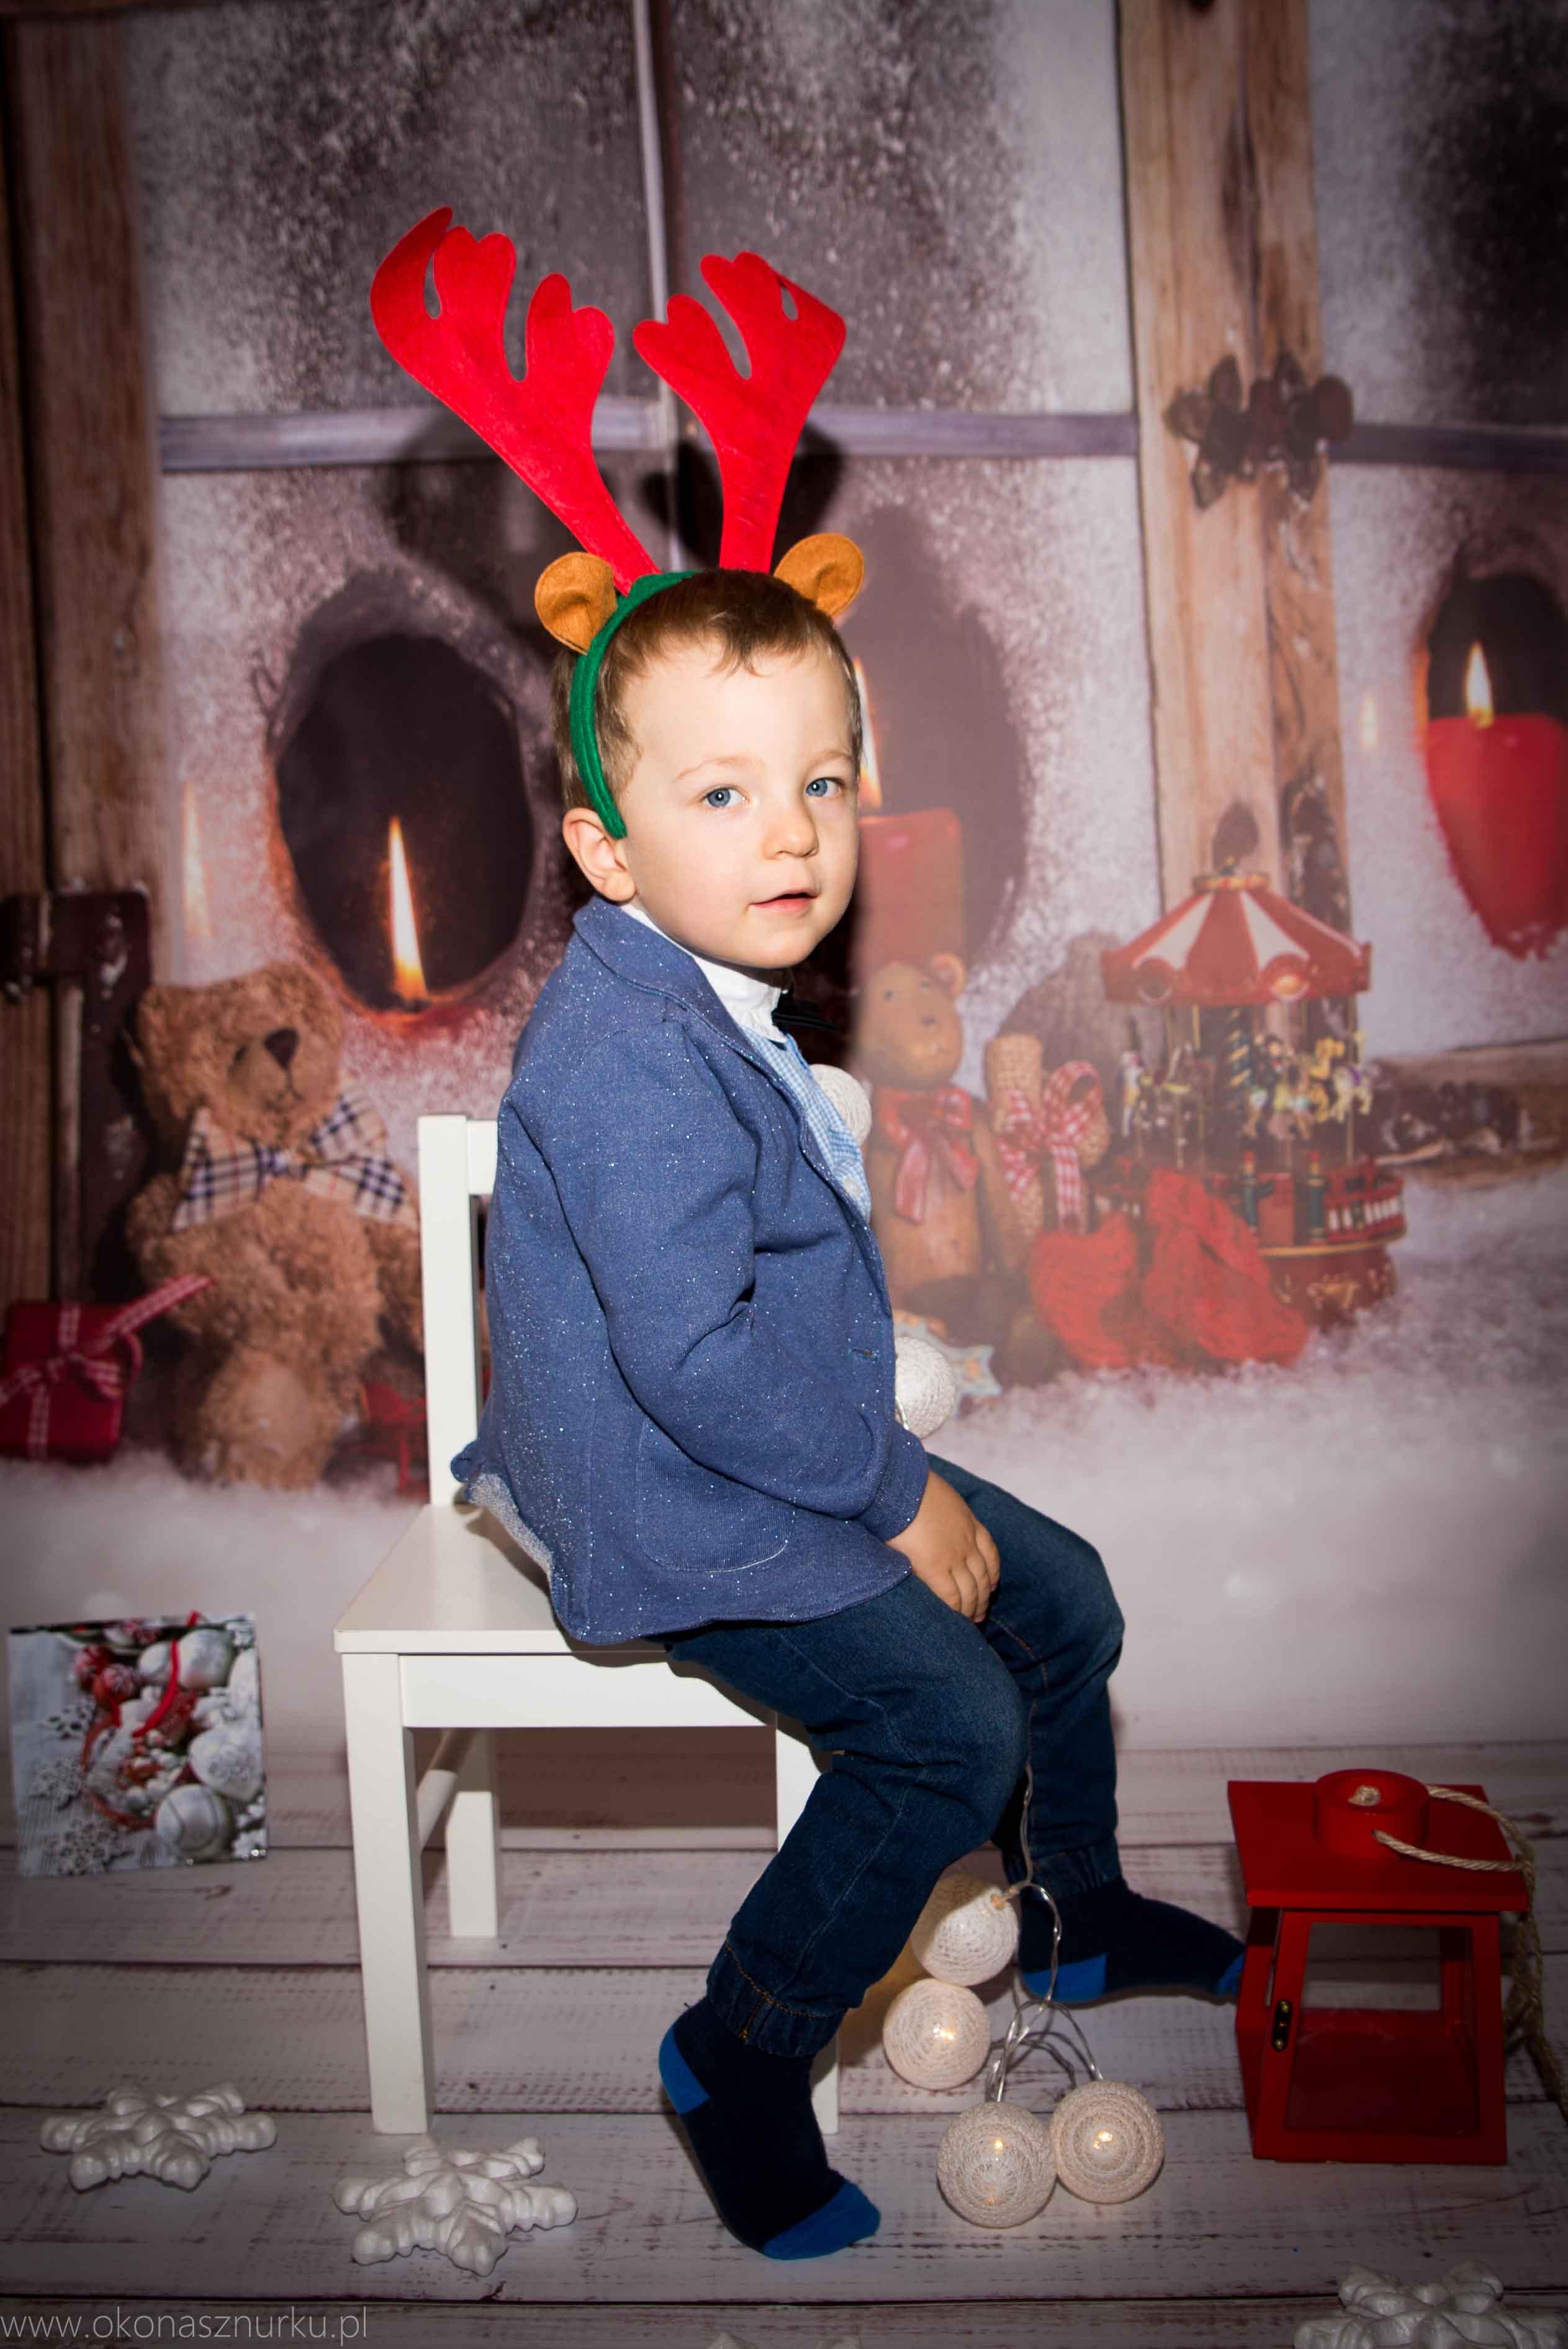 sesja świąteczna fotograficzna dziecka rodziny (9)